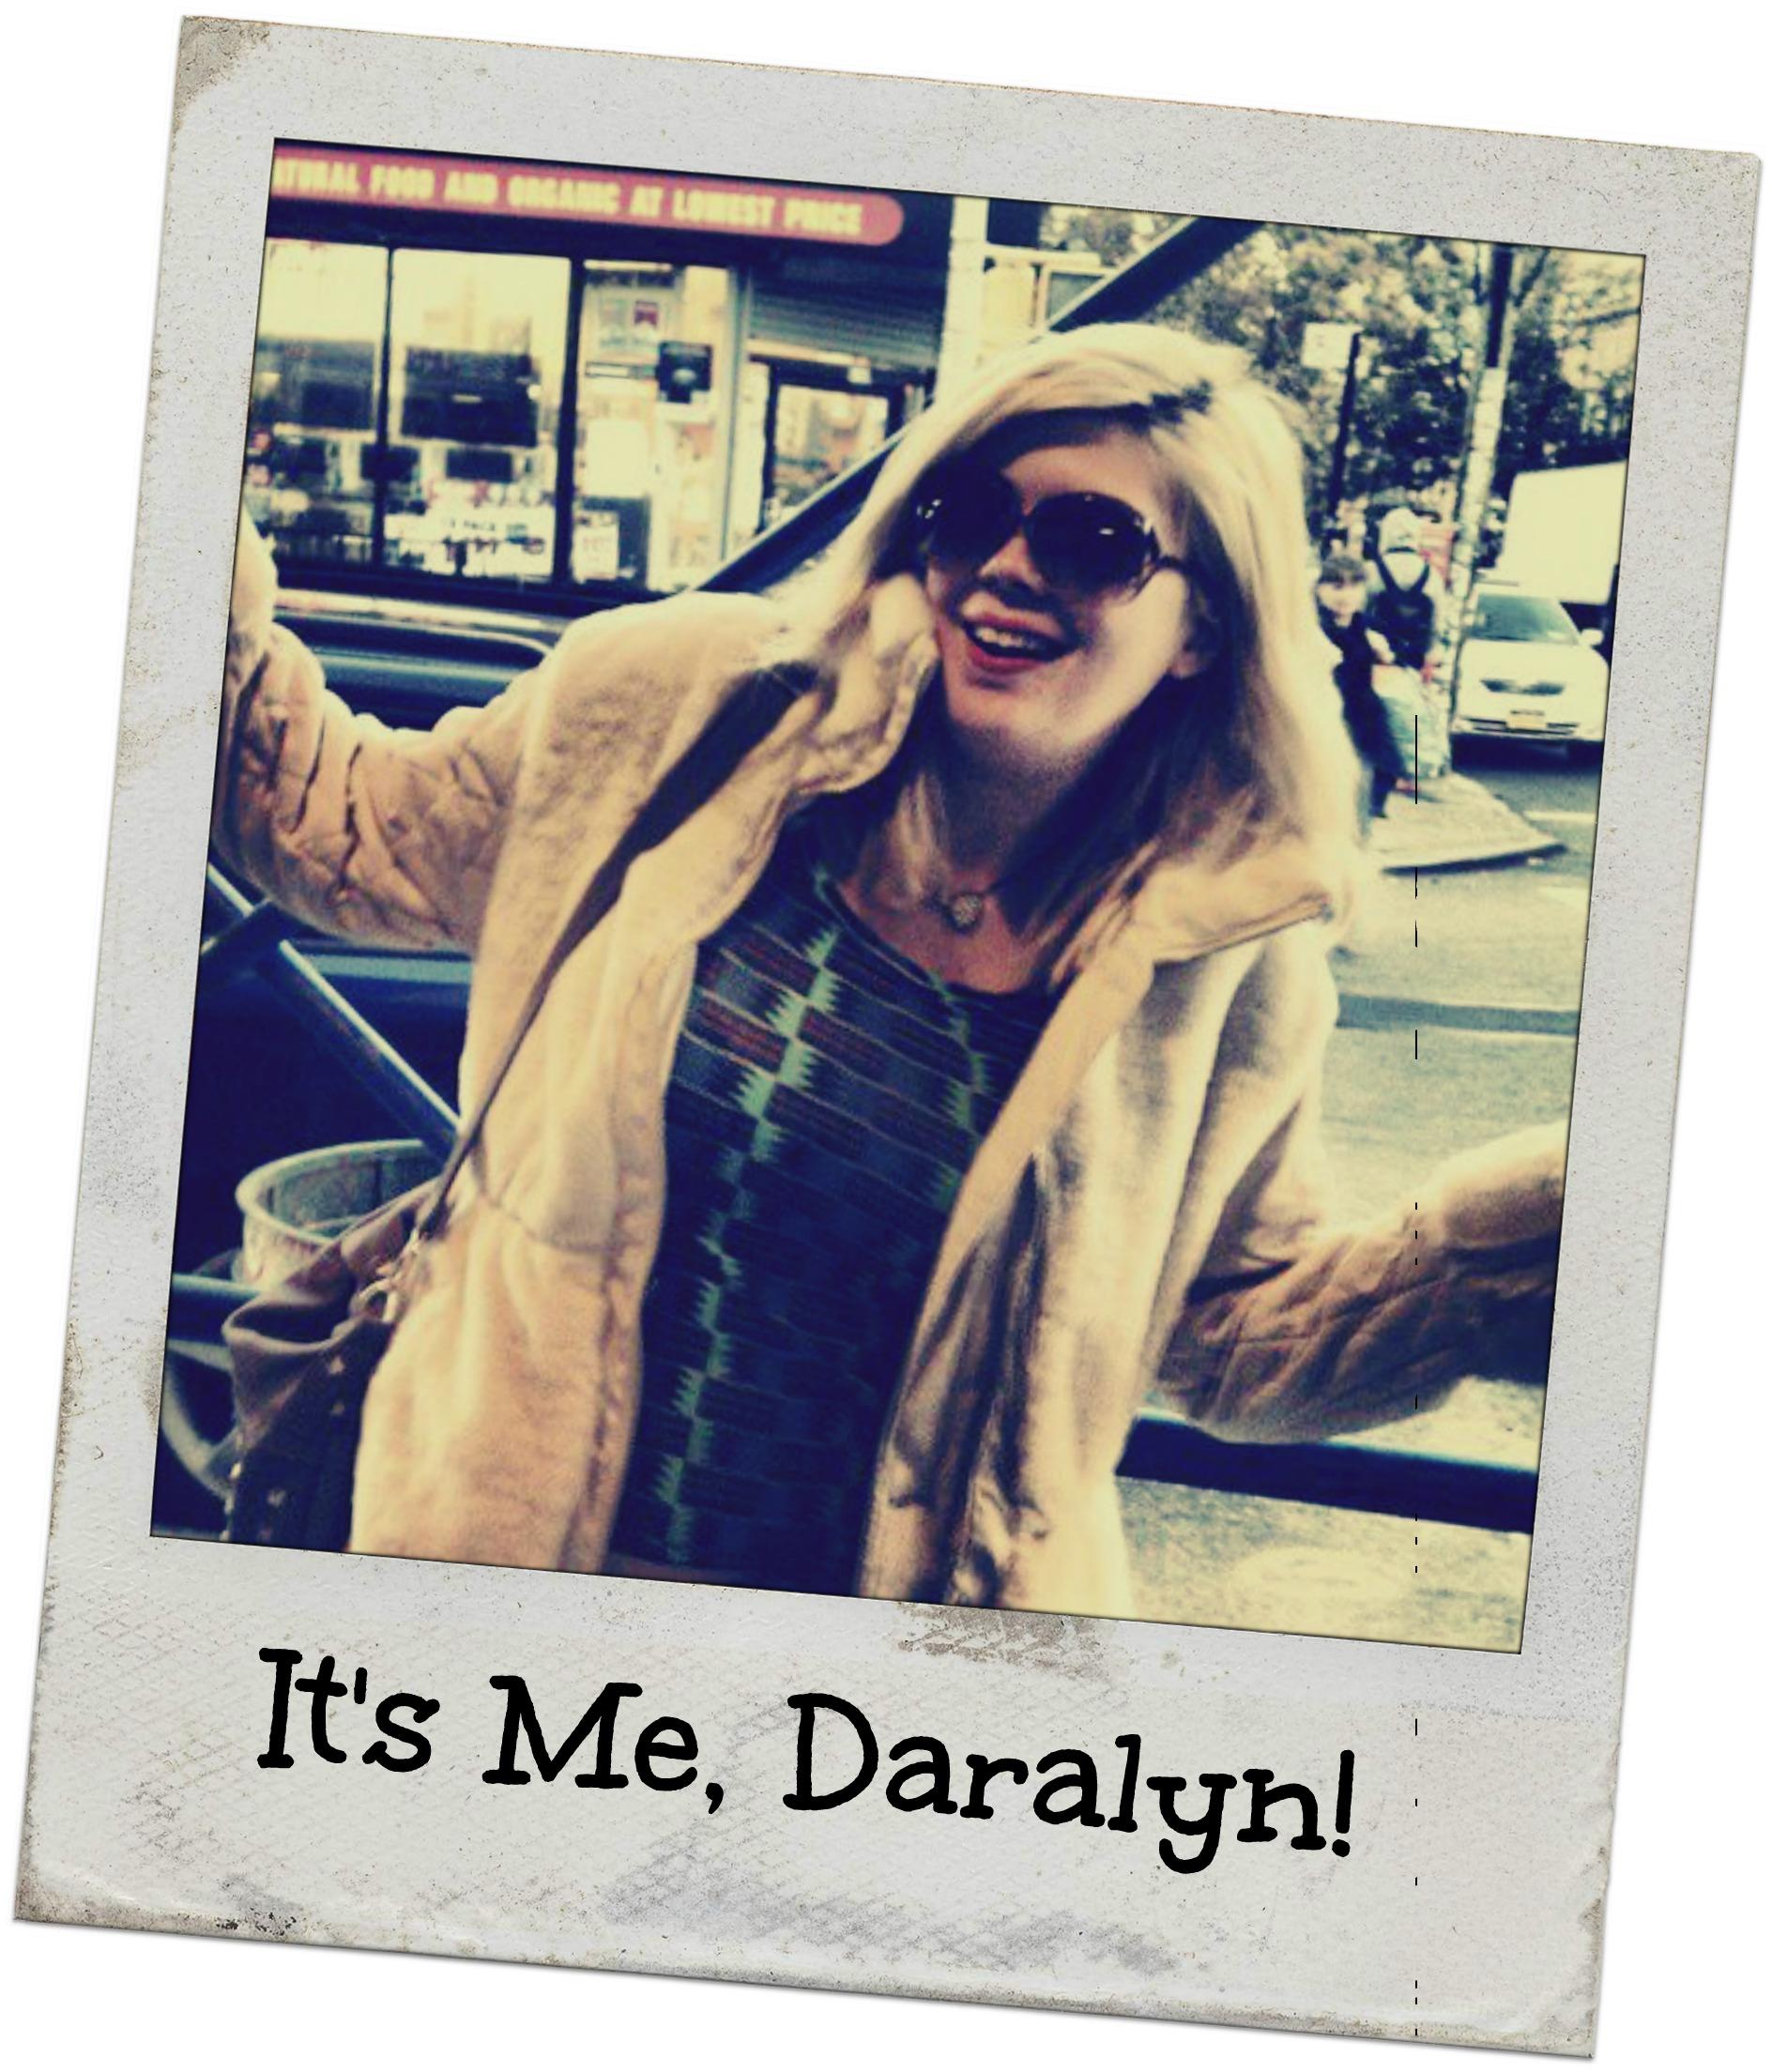 It's Me, Daralyn